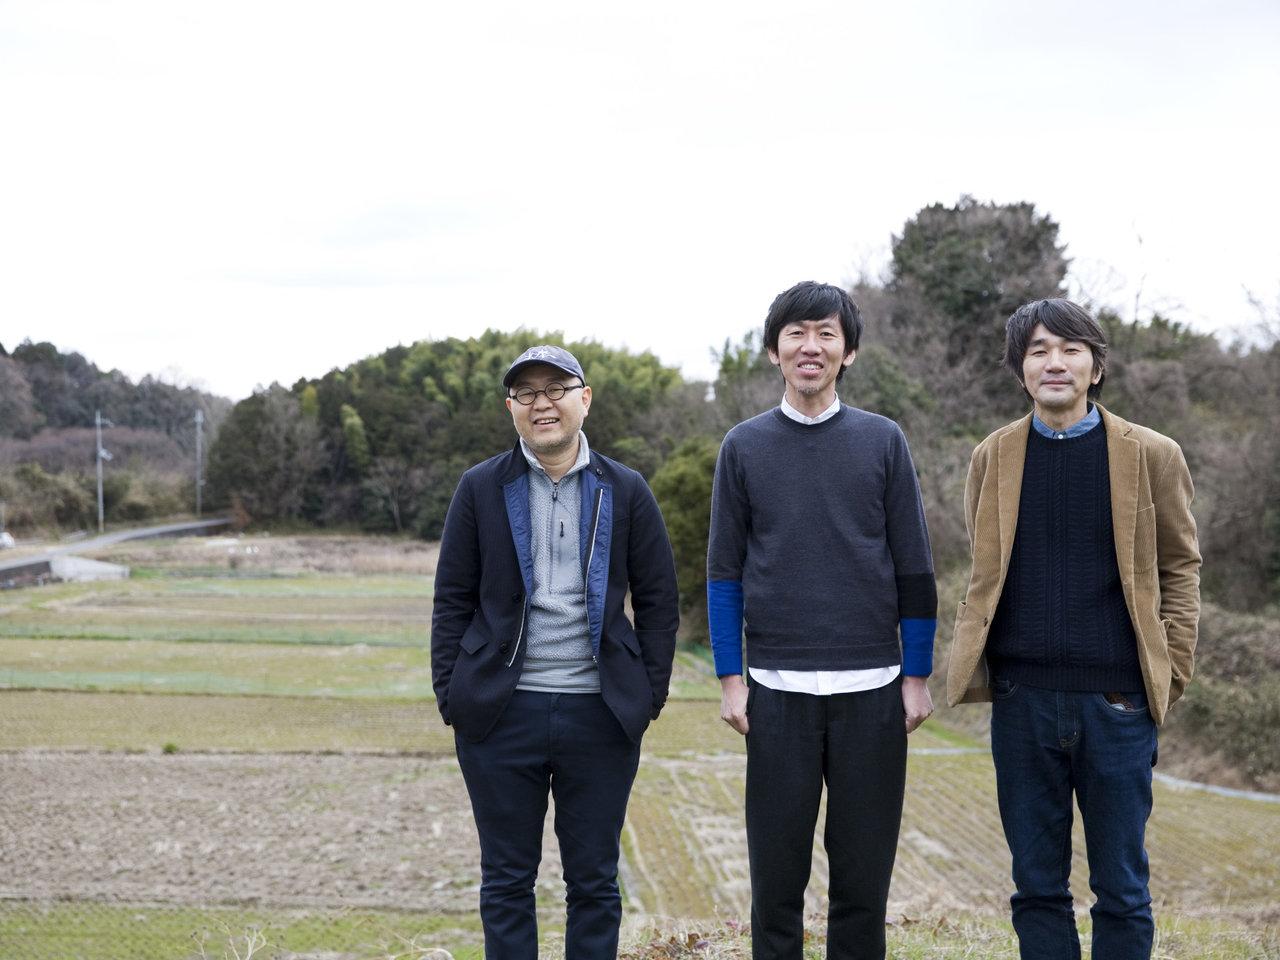 中川政七さんと編集長・指出が語る、日本のまちで「元気と幸せな関係」を生み出す方法